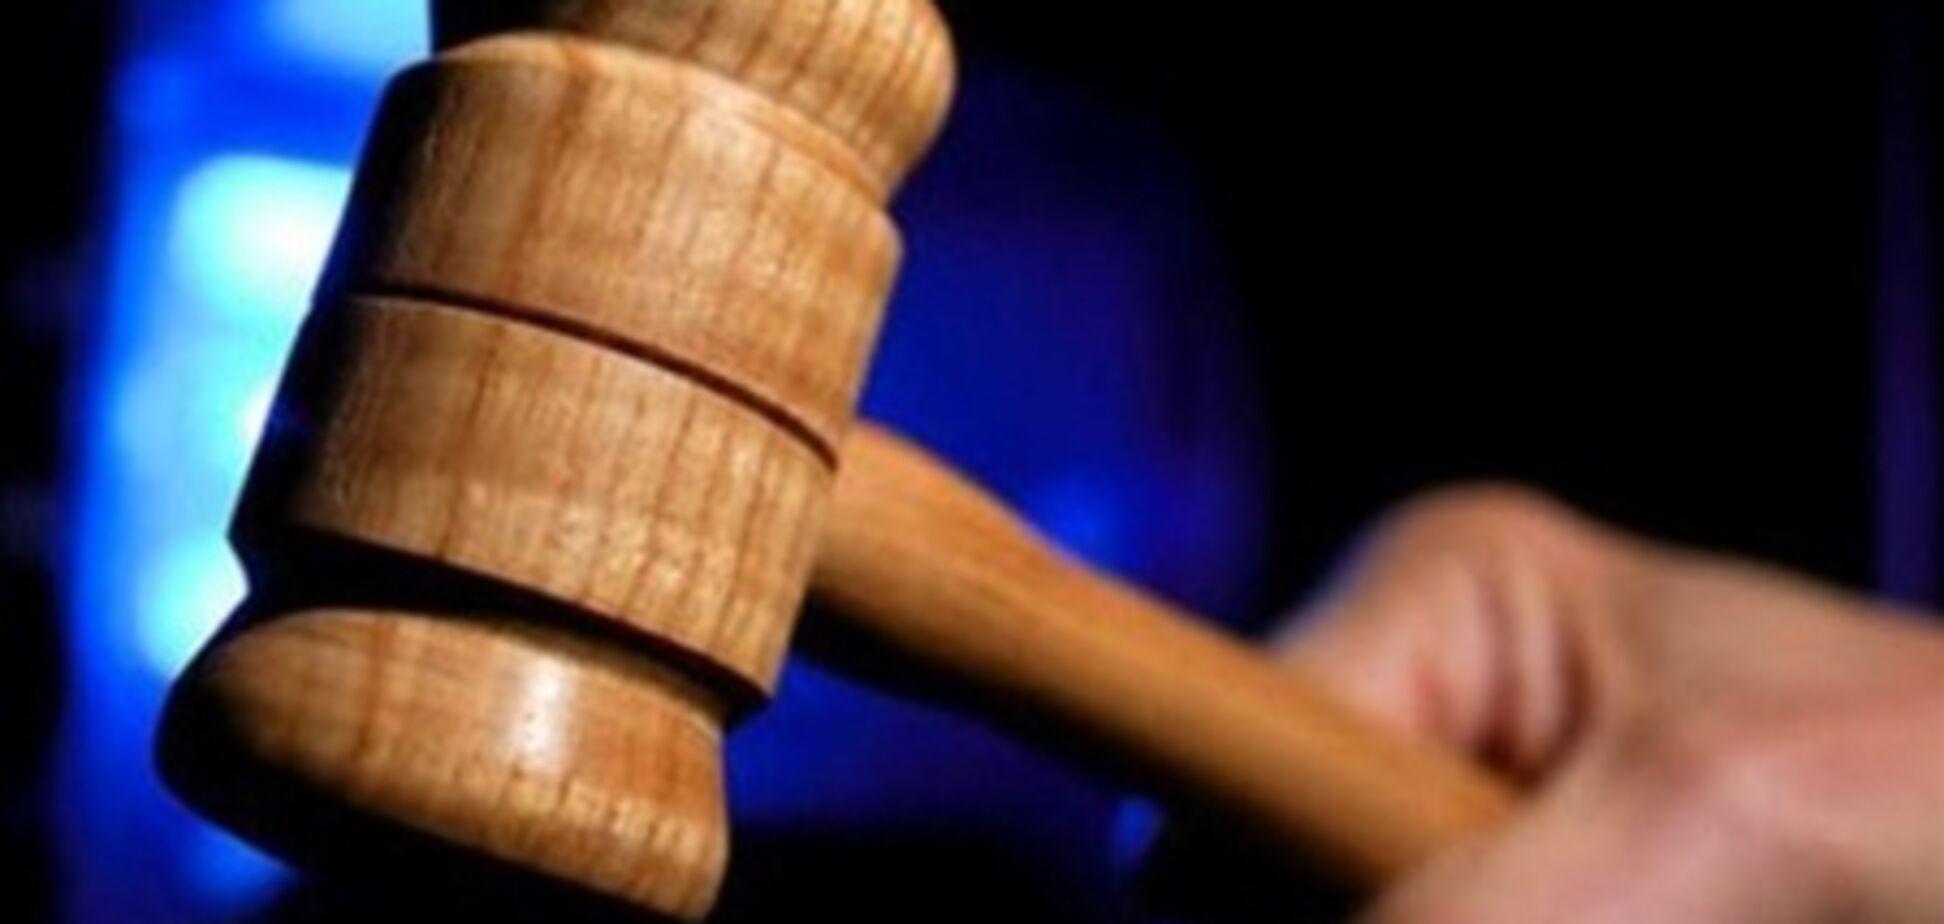 Экс-депутат получил условный срок за убийство человека